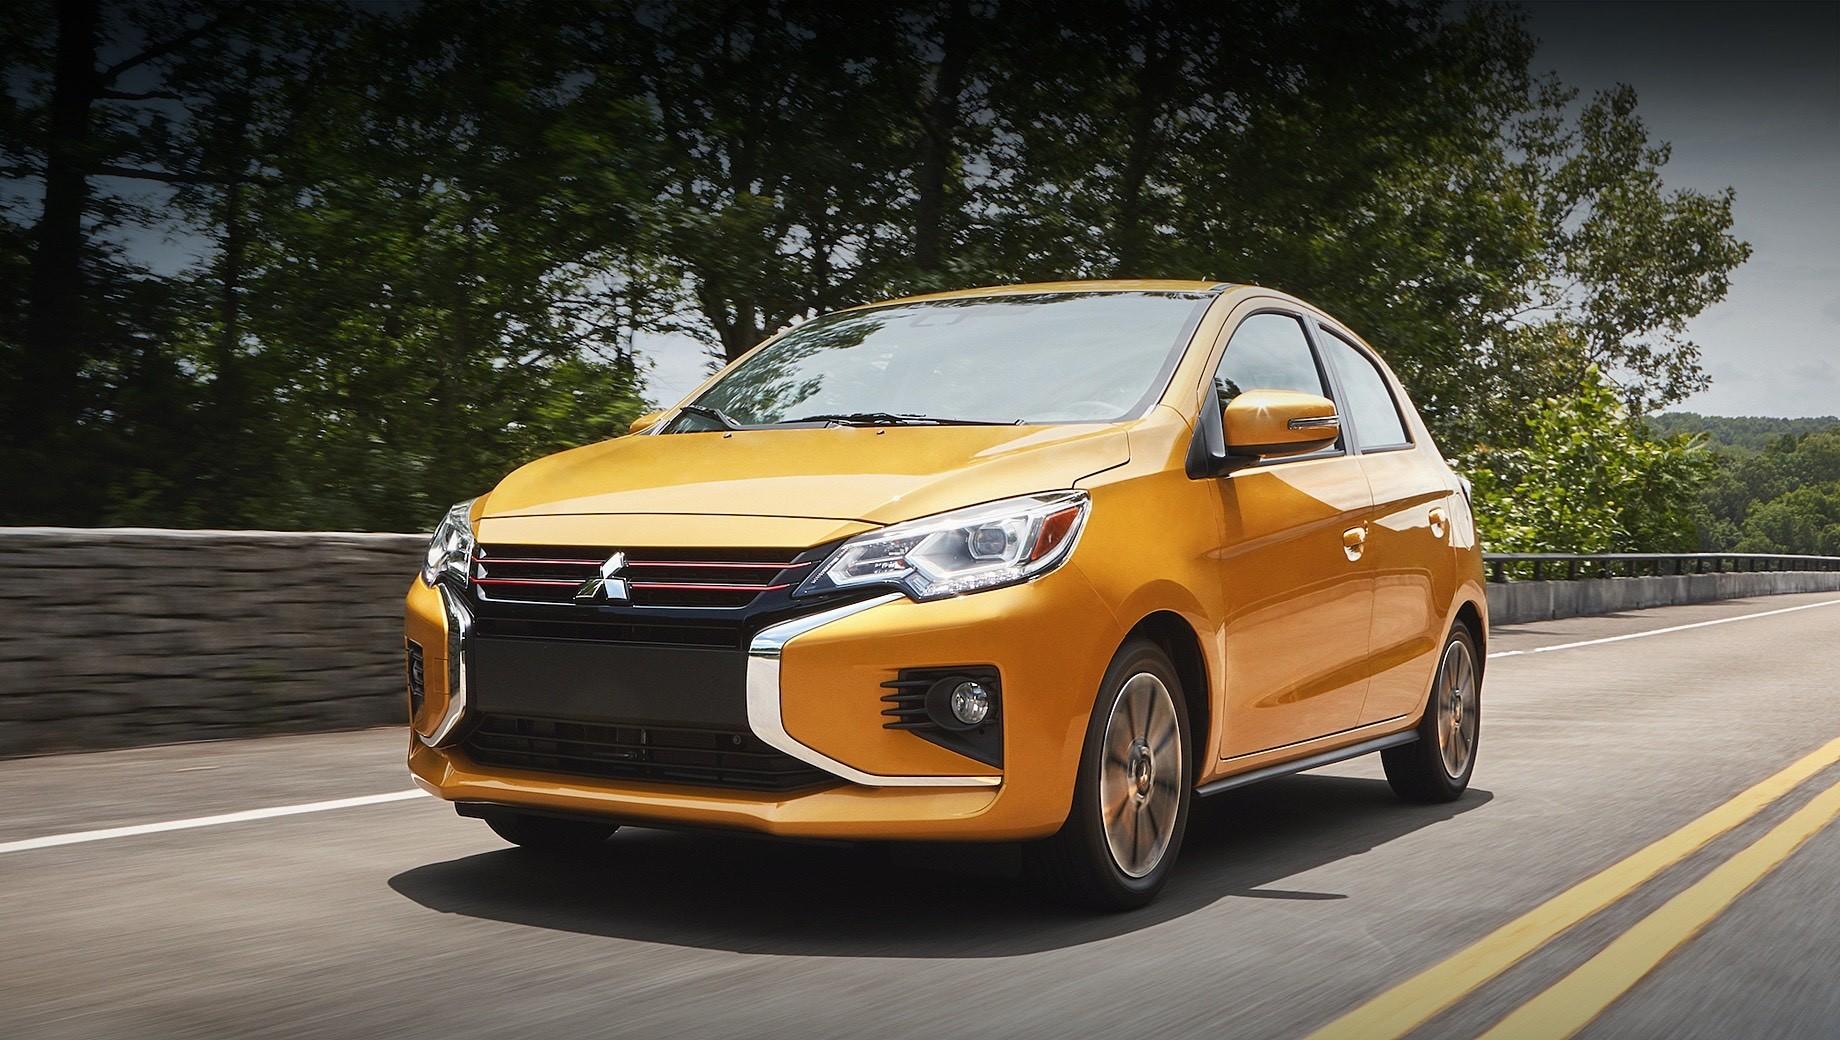 Фирма Mitsubishi показала Mirage и поставила Европу на паузу